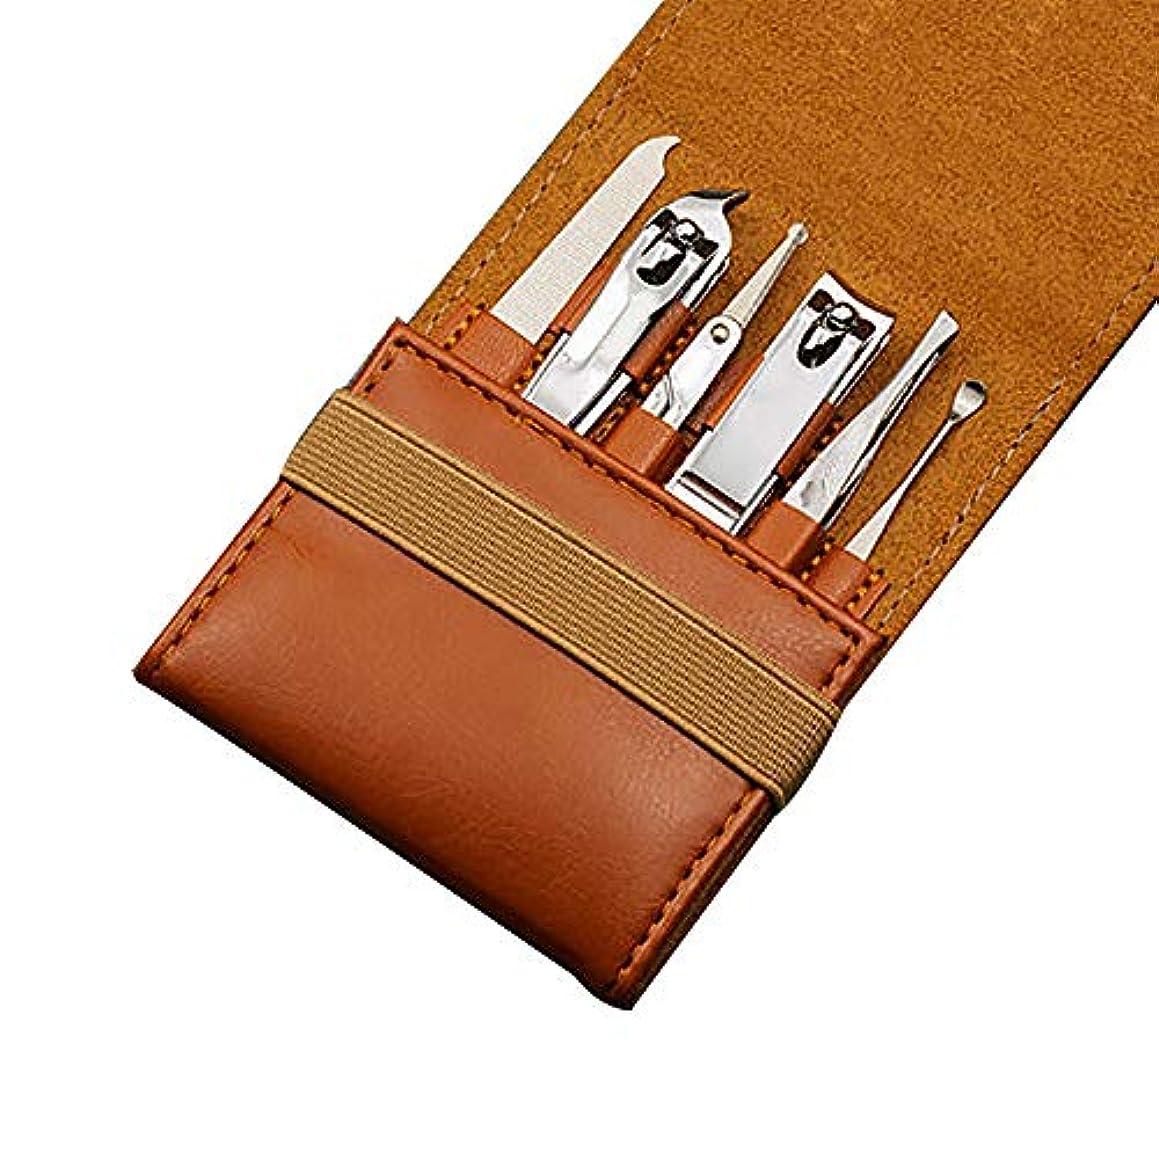 息子とまり木ホールドかわいい爪切りセット多機能 美容セット高級ブラウンPUレザーケース付き、6点セット